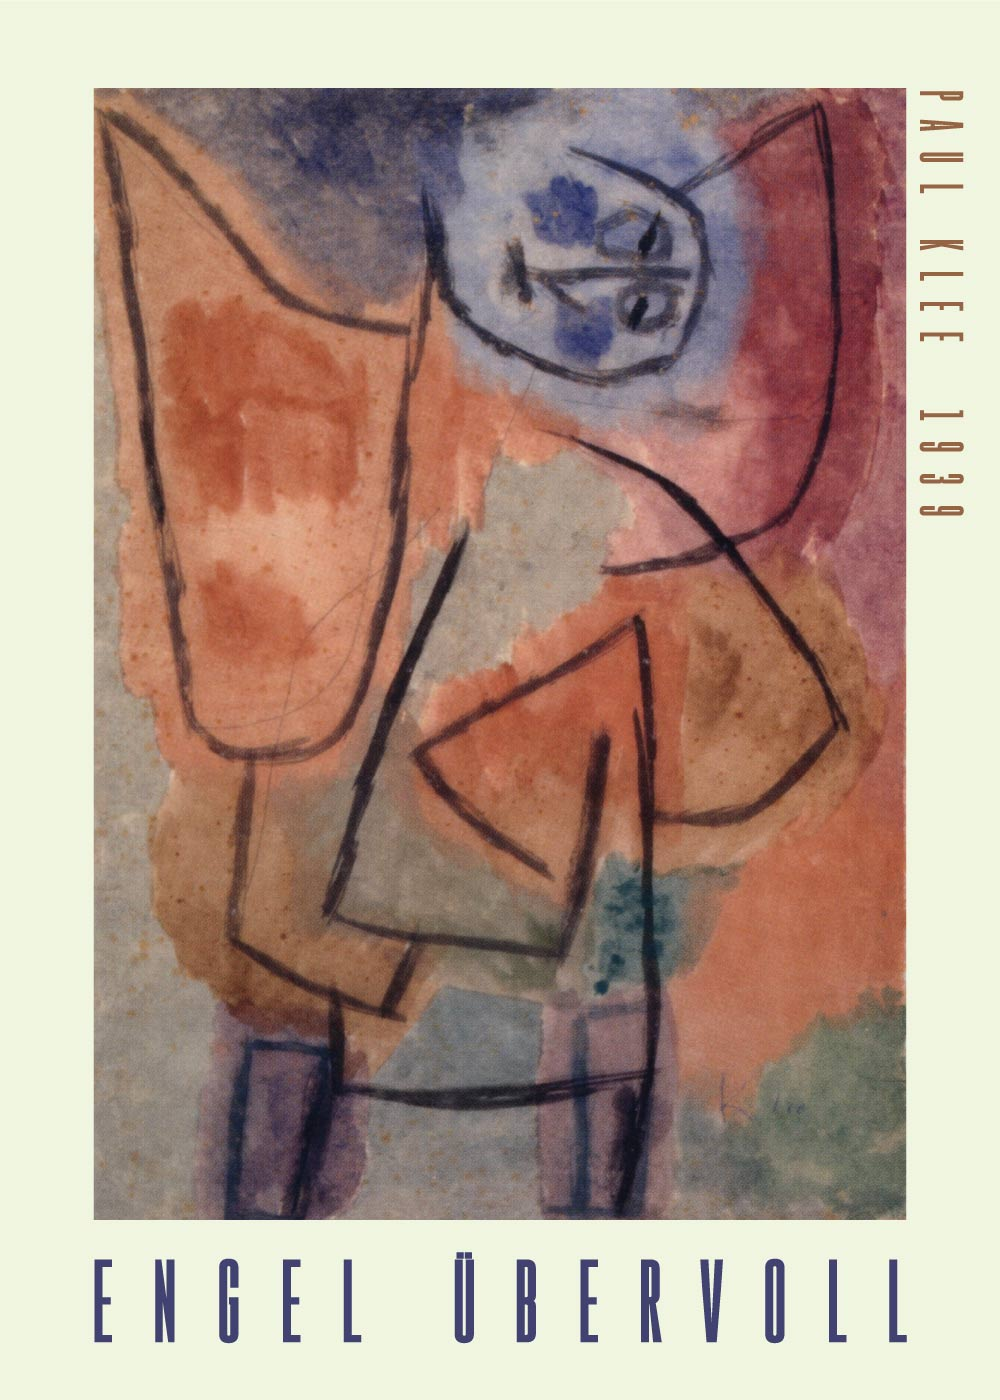 Billede af Engel übervoll - Paul Klee Kunstplakat